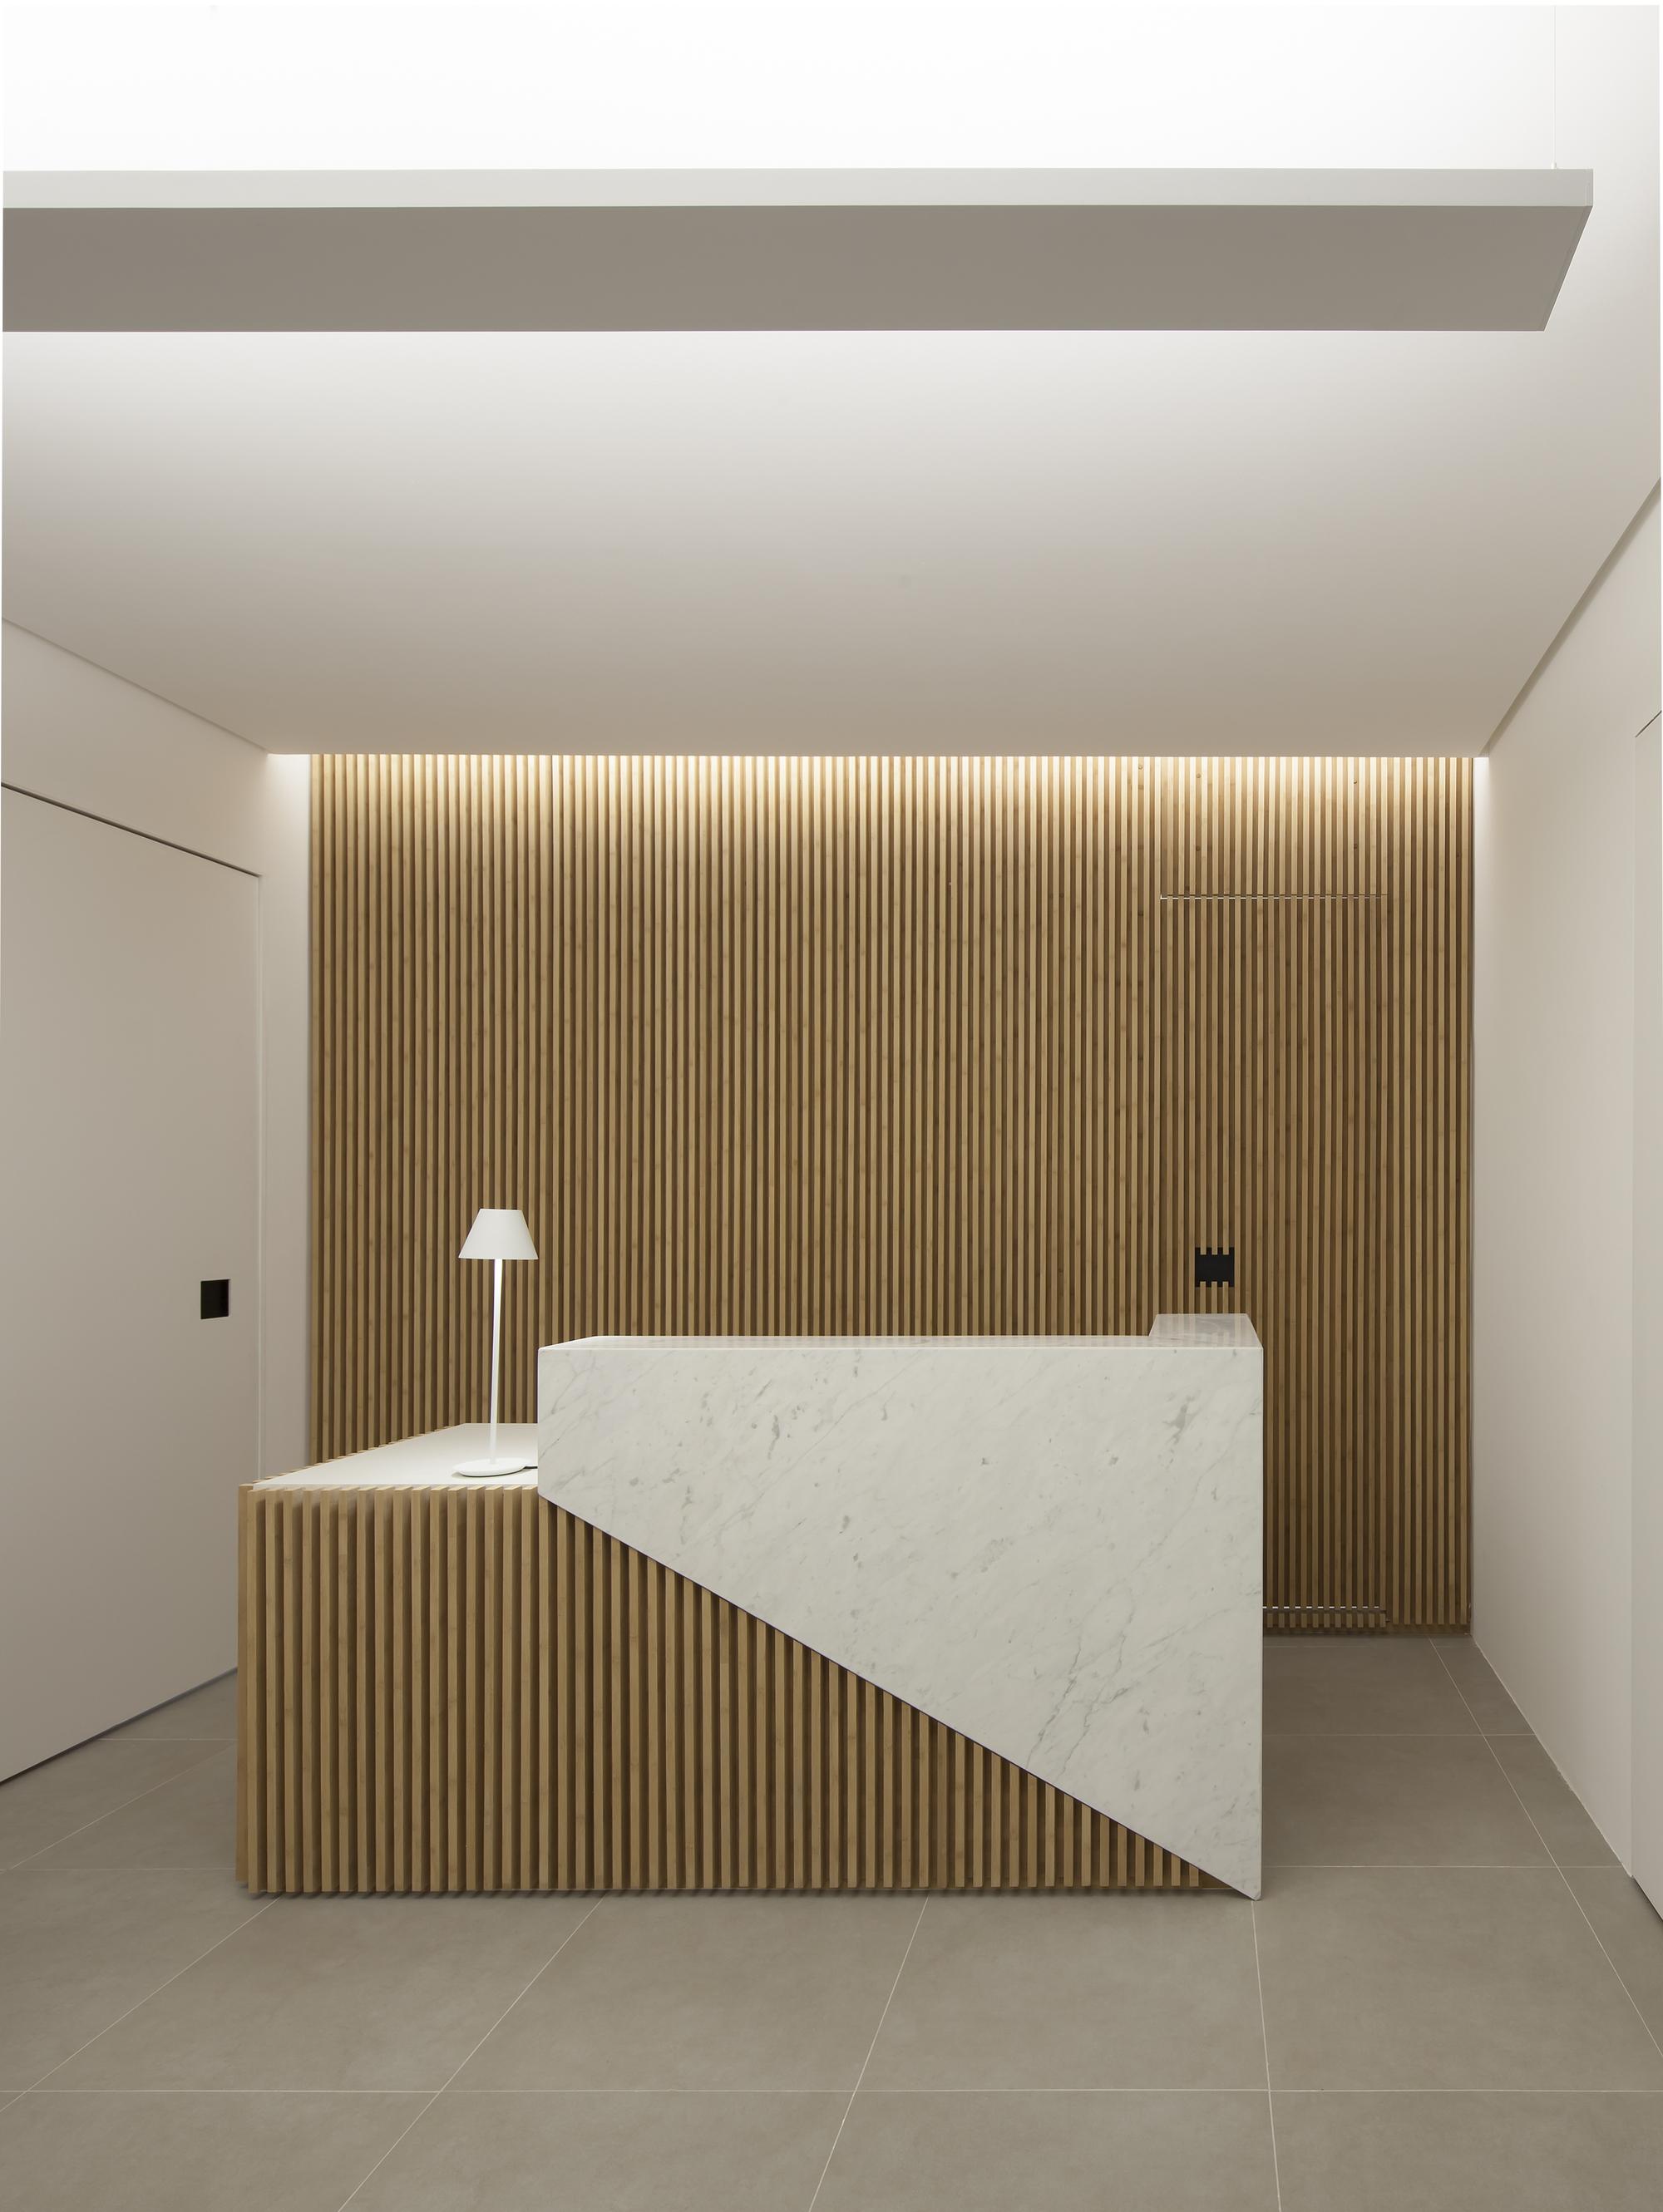 Galeria de cl nica ar gdl arquitetura 1 for 8 6 mobiliario de oficina